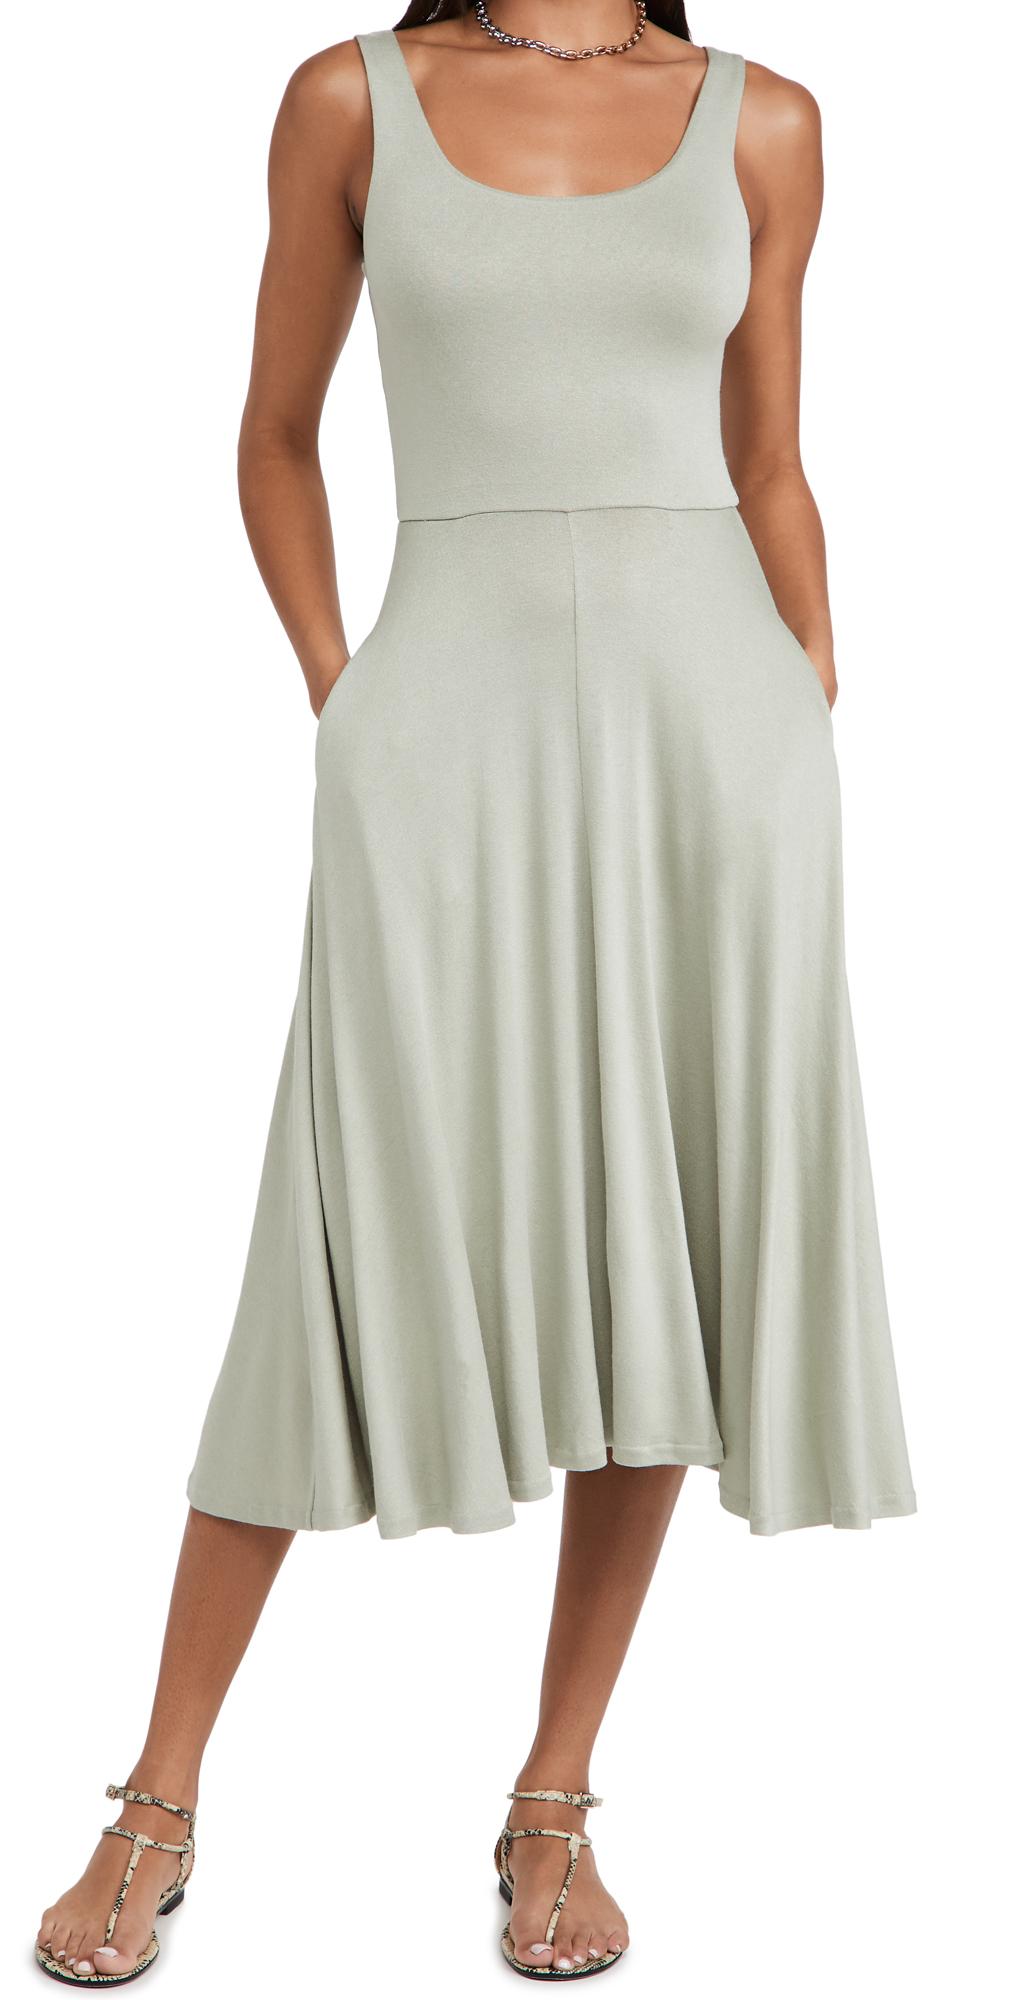 Vince Clothing FULL SKIRT DRESS